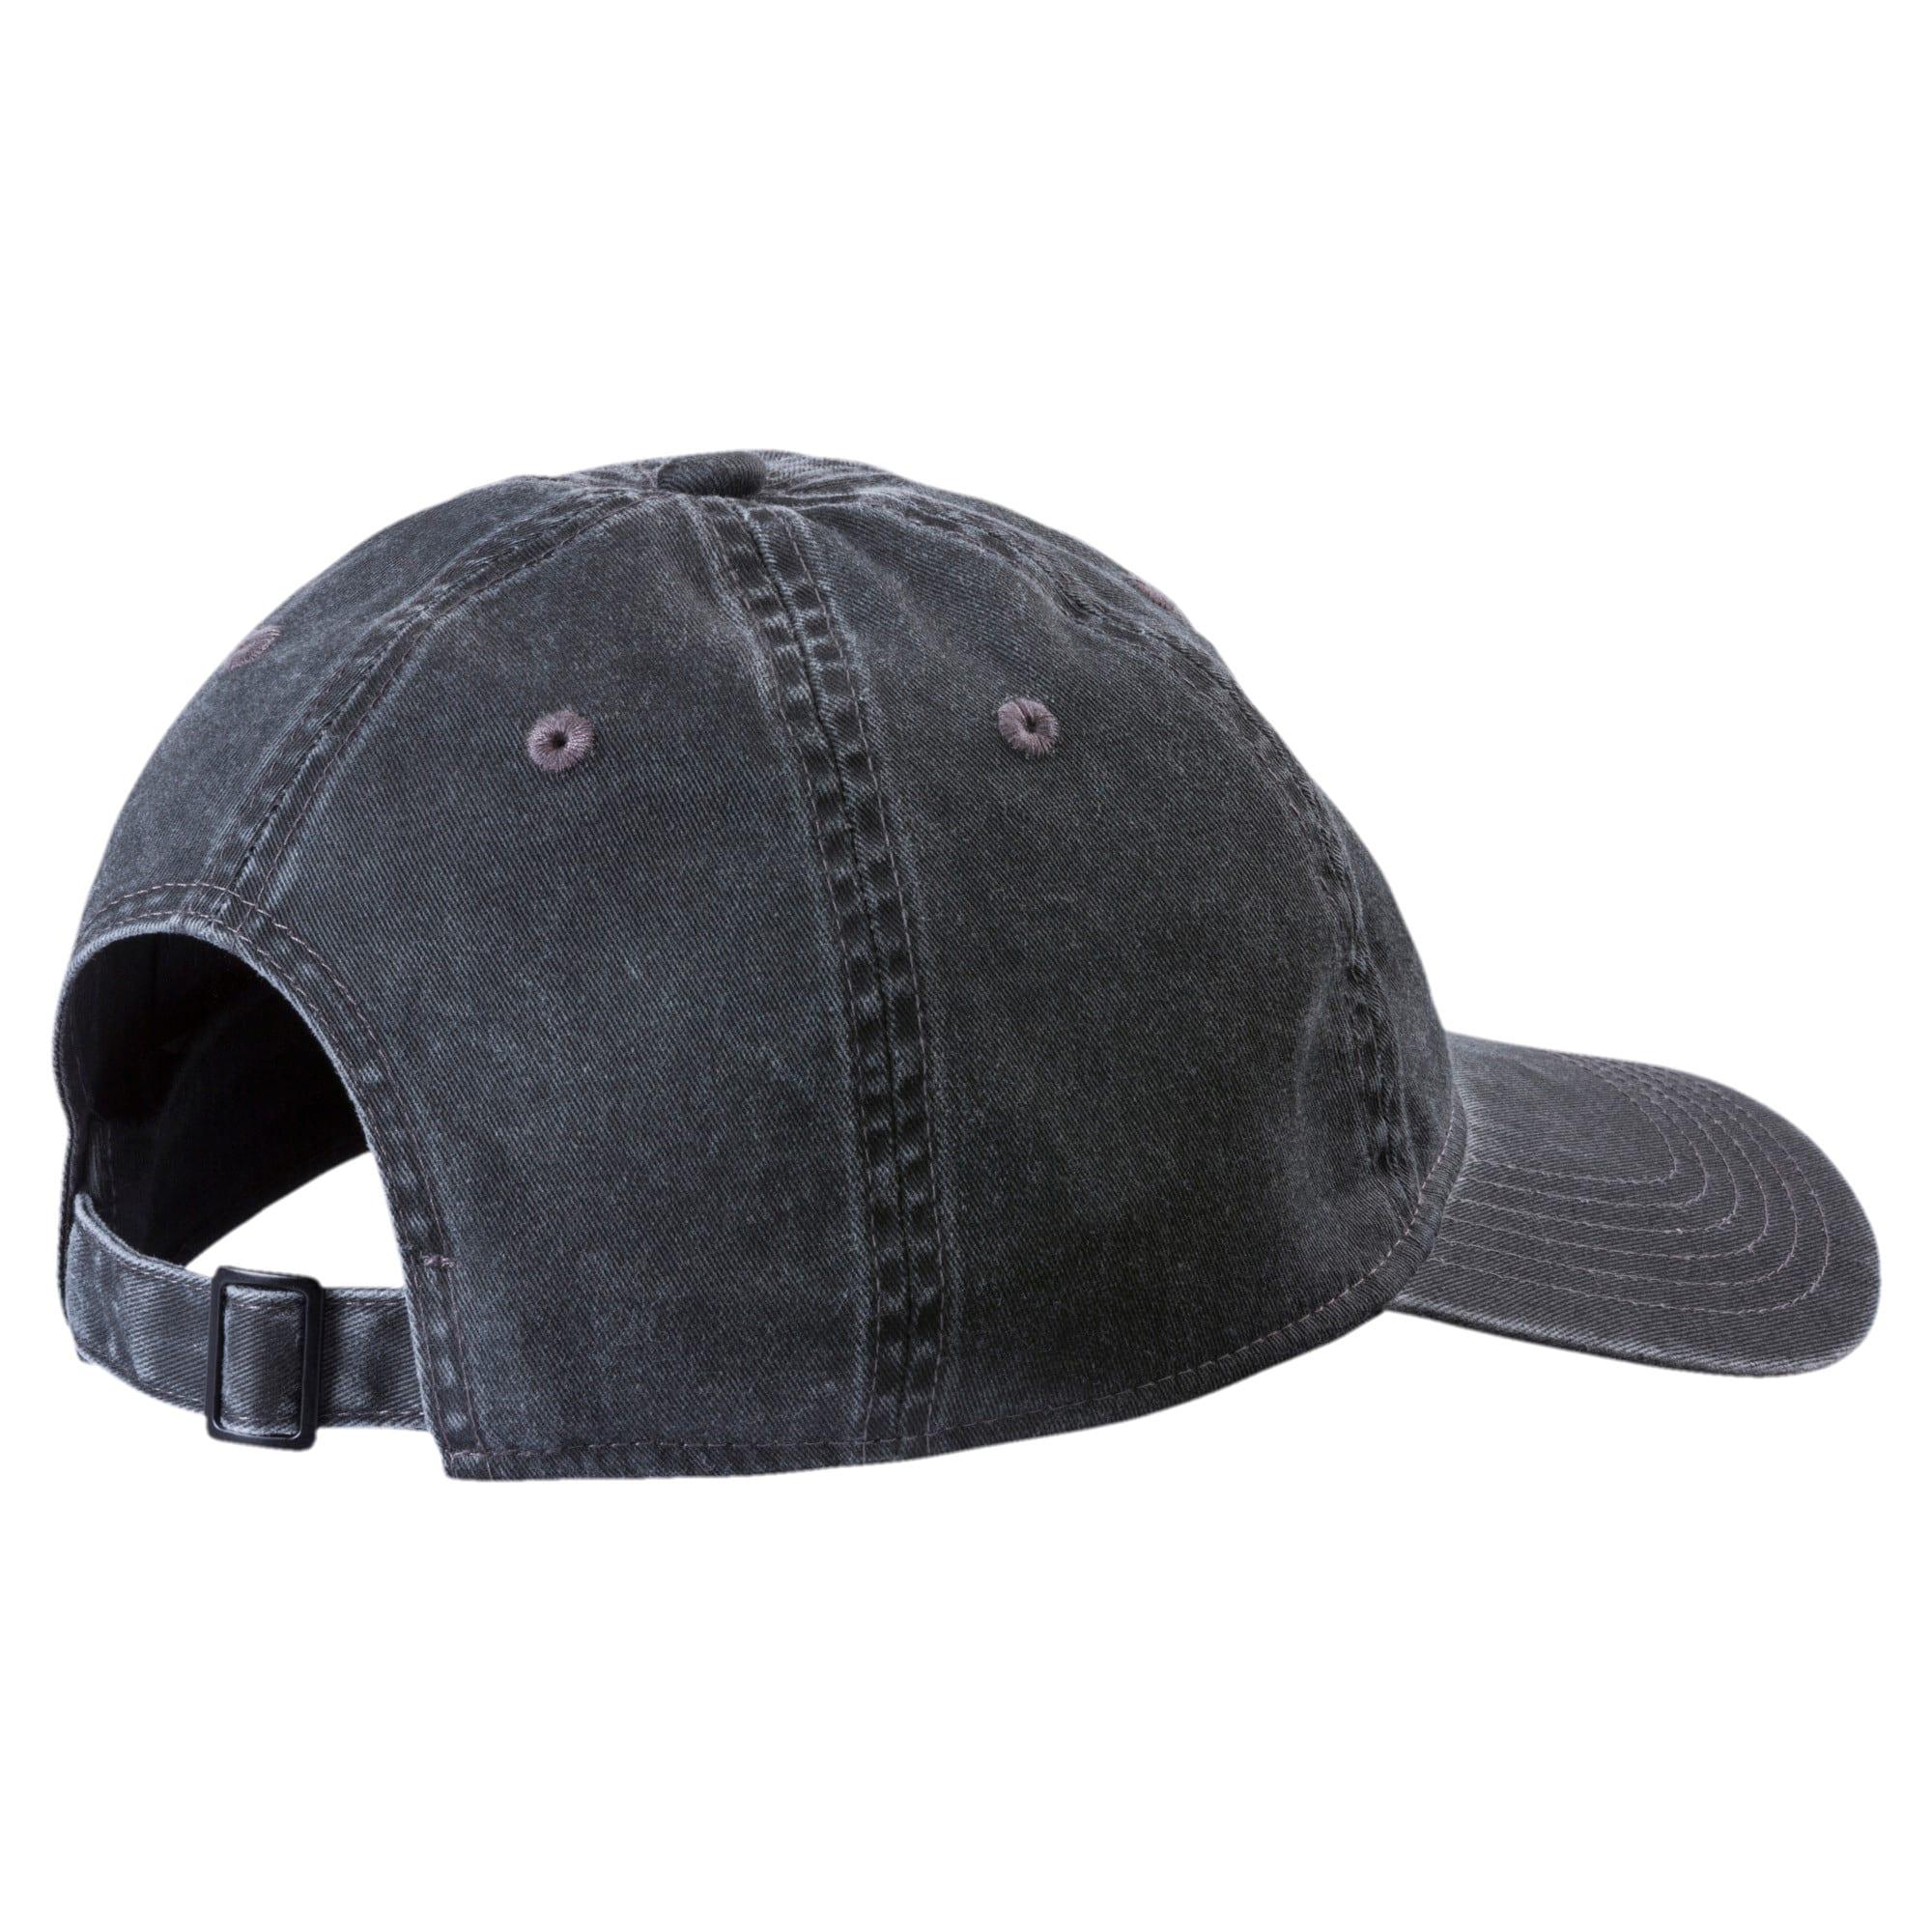 Thumbnail 2 of Archive Baseball Cap, Puma Black, medium